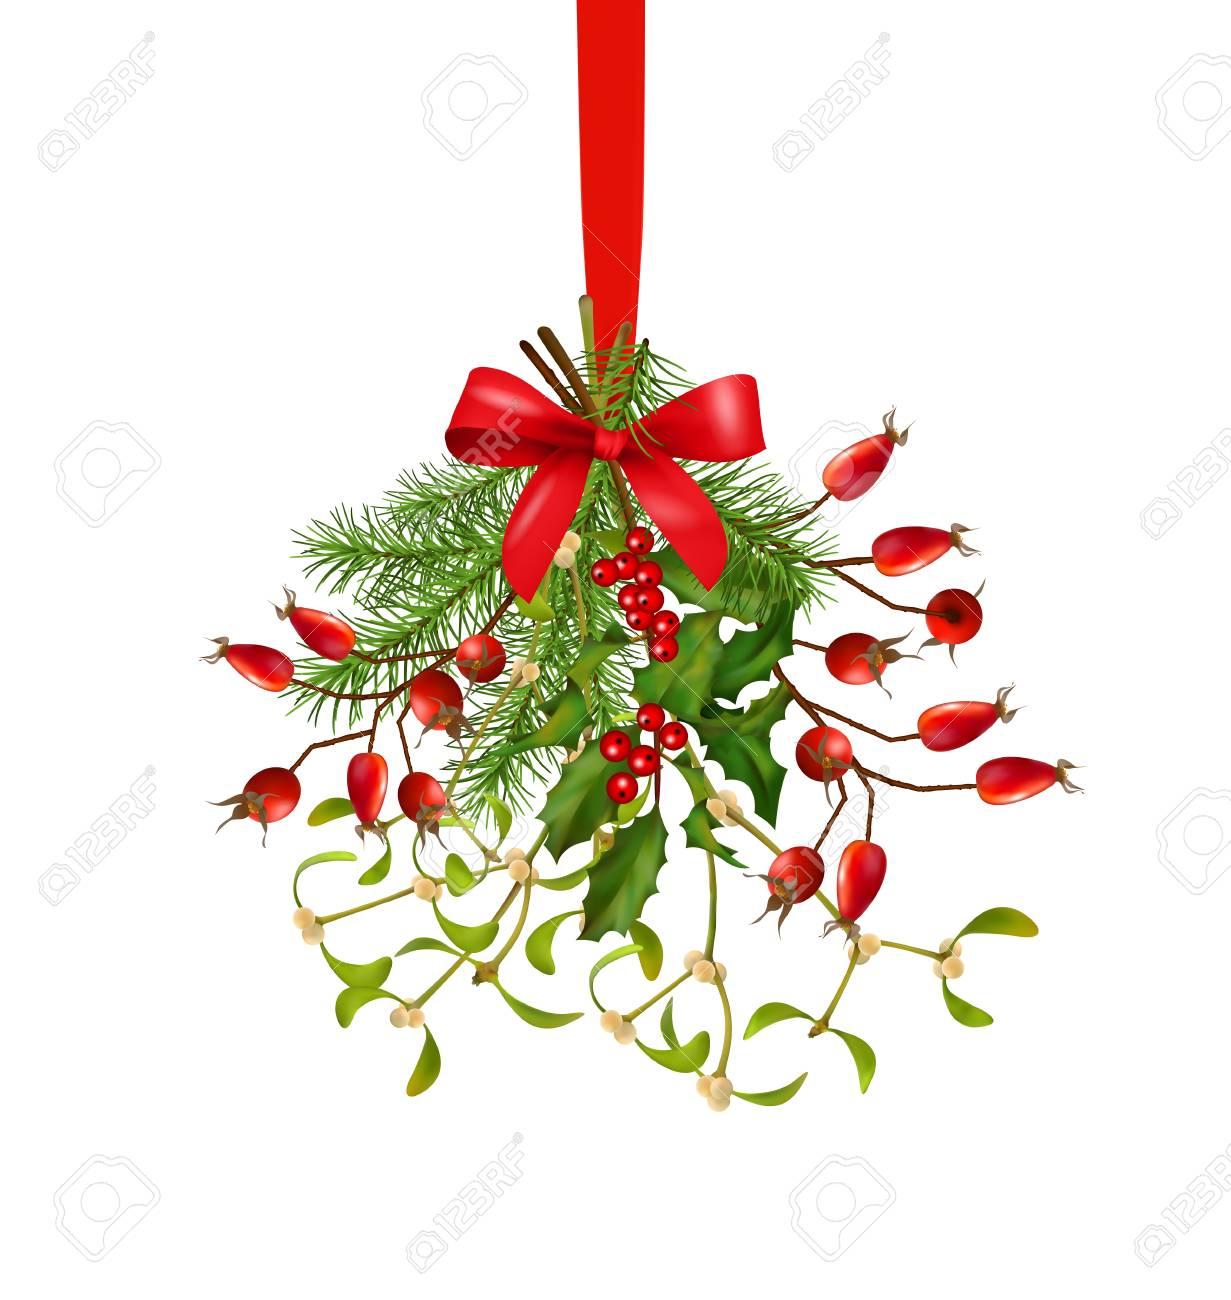 Bouquet De Noel Avec Du Houx suspendre bouquet de noël et nouveau vecteur décoration de l'année avec des  branches de sapin, de houx, gui, églantier, arc sur un fond blanc